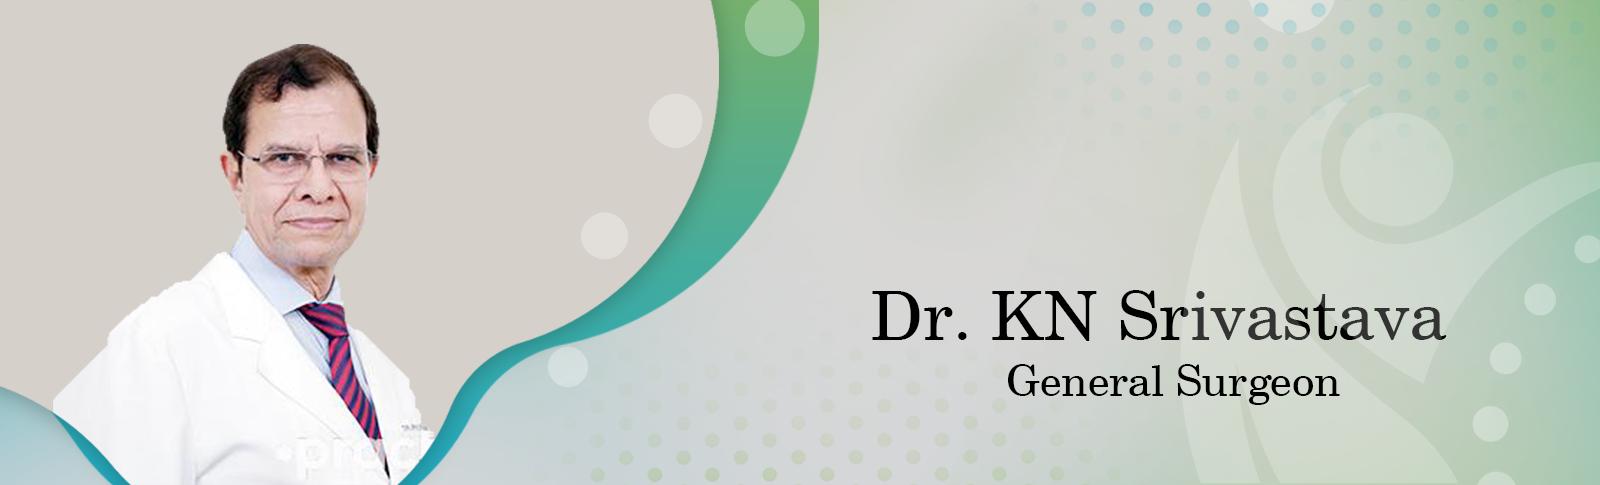 Dr. KN. Srivastava